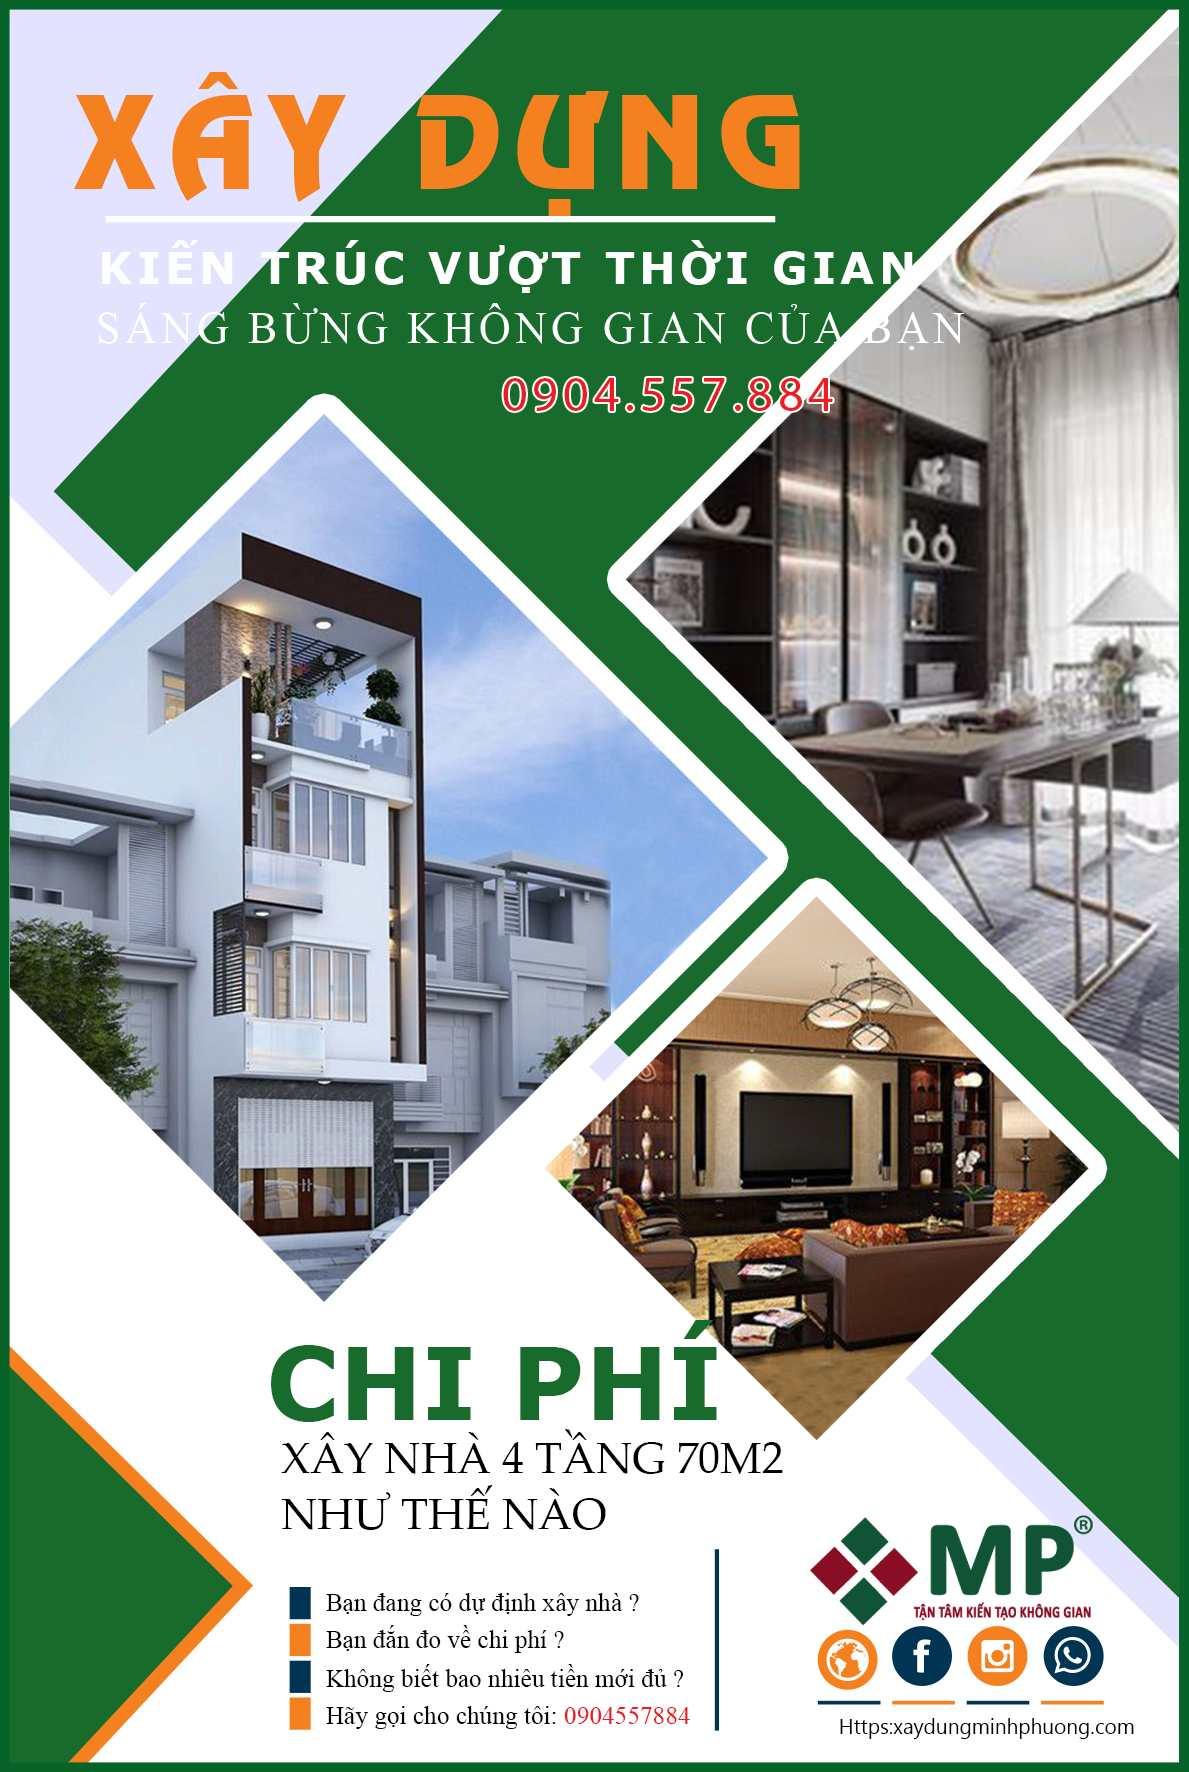 Chi phí thiết kế xây dựng nhà 4 tầng 70m2